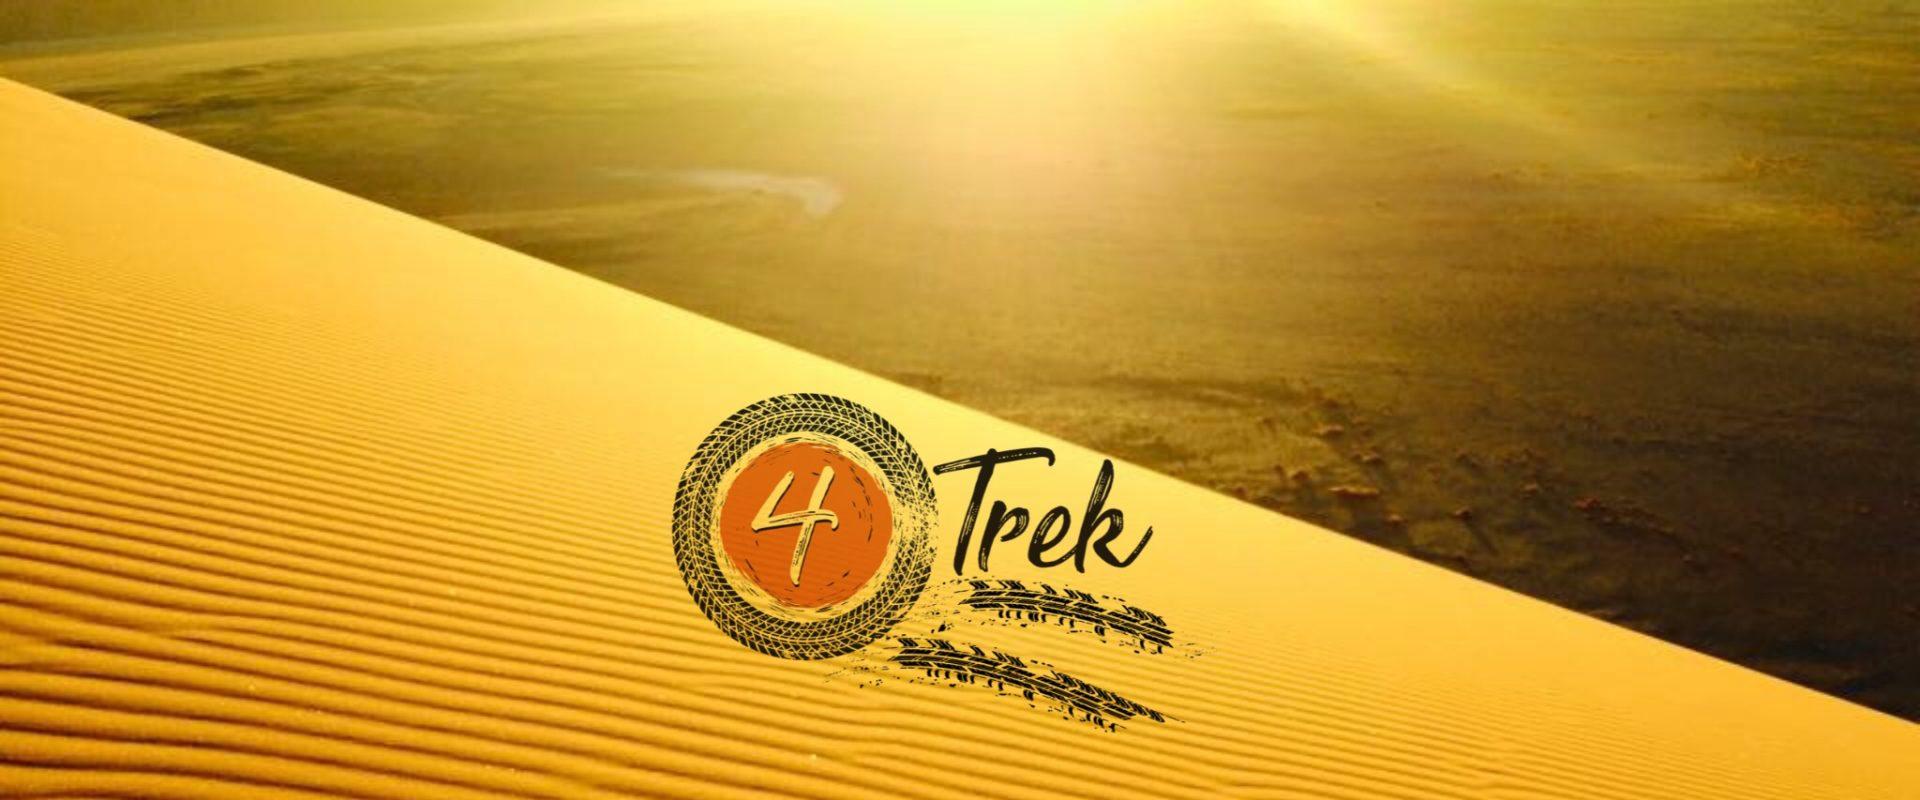 4 Trek Adventures